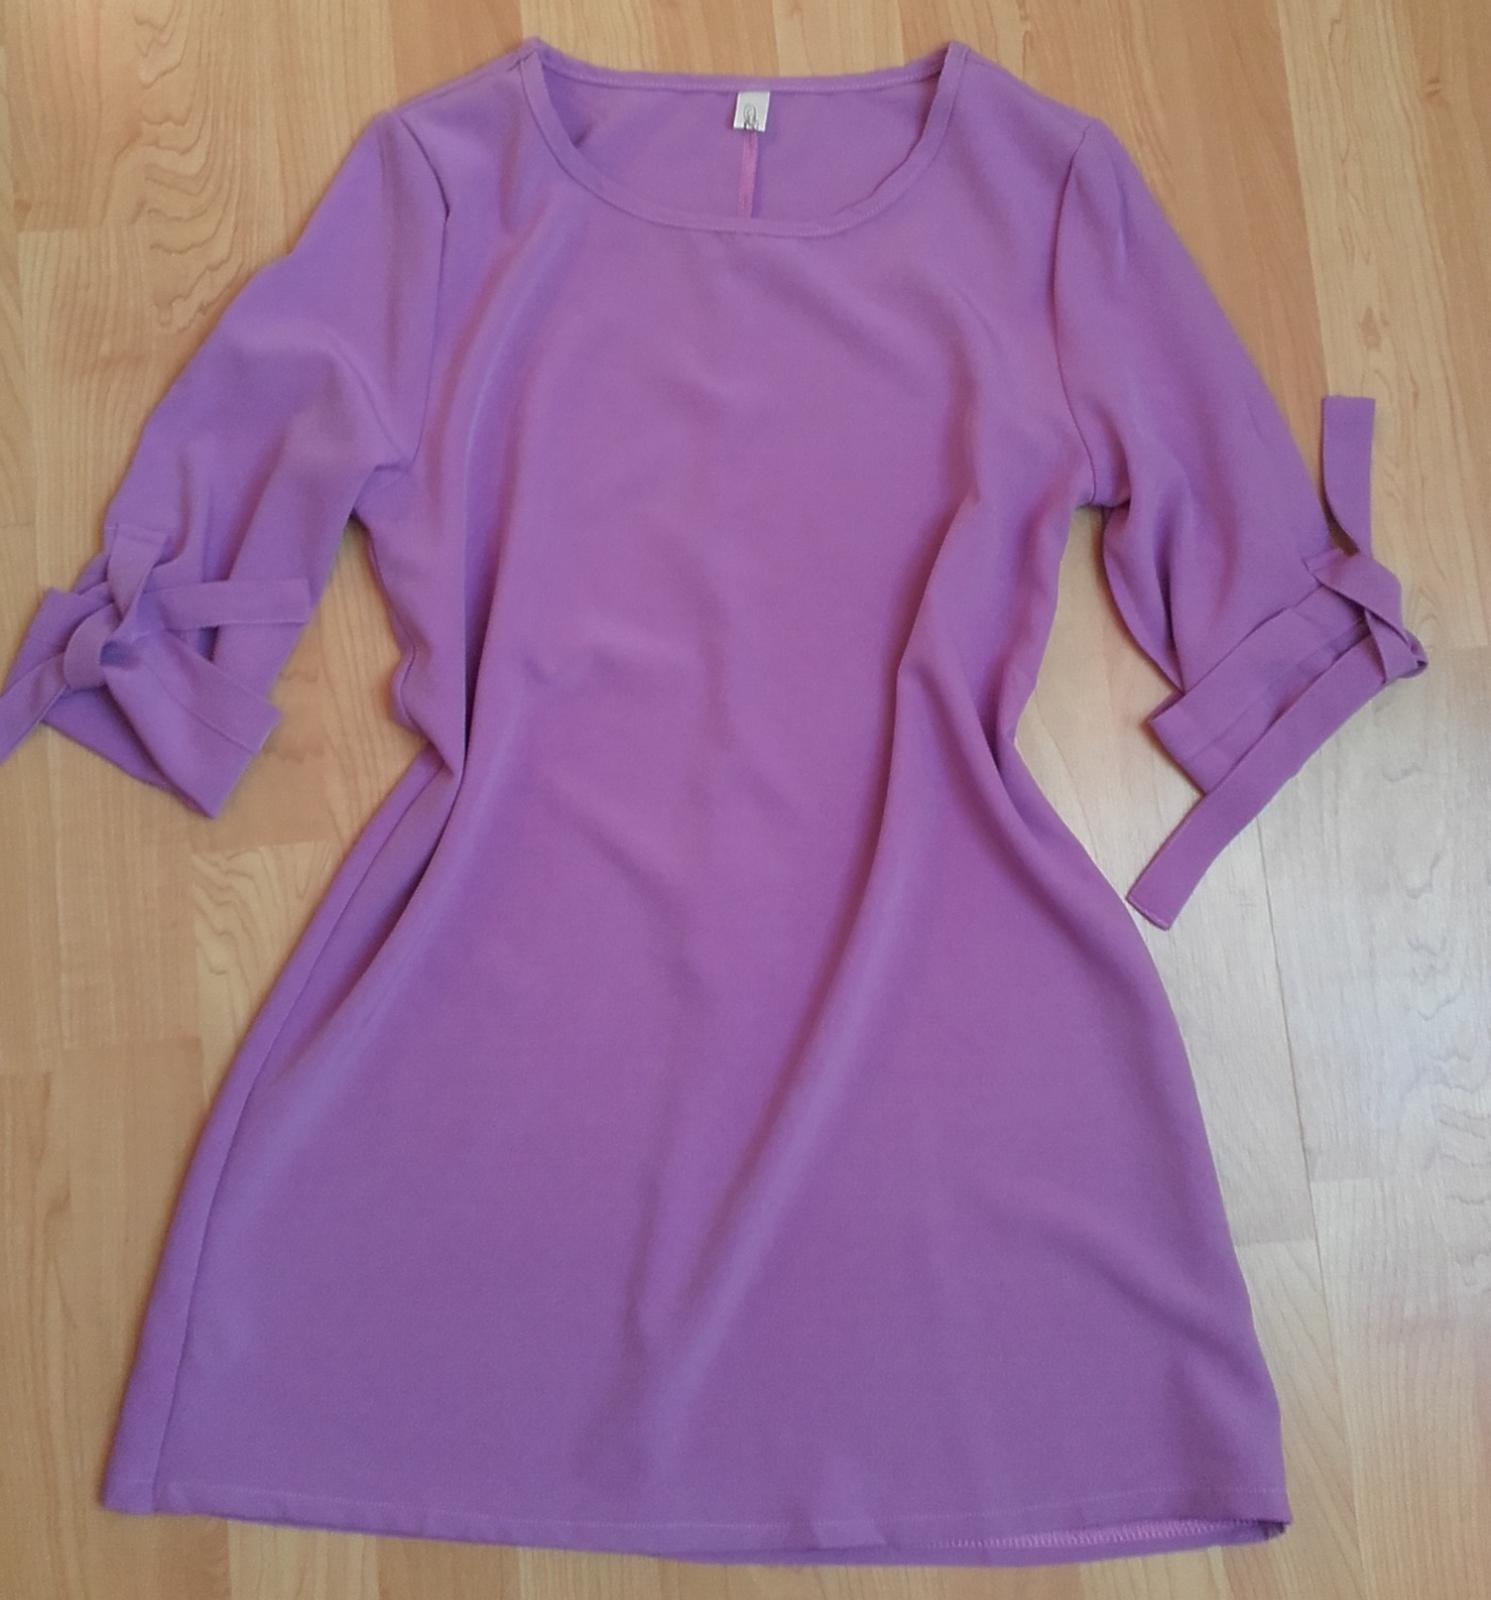 Volné šaty s tříčtvrtečními rukávy  - Obrázek č. 1